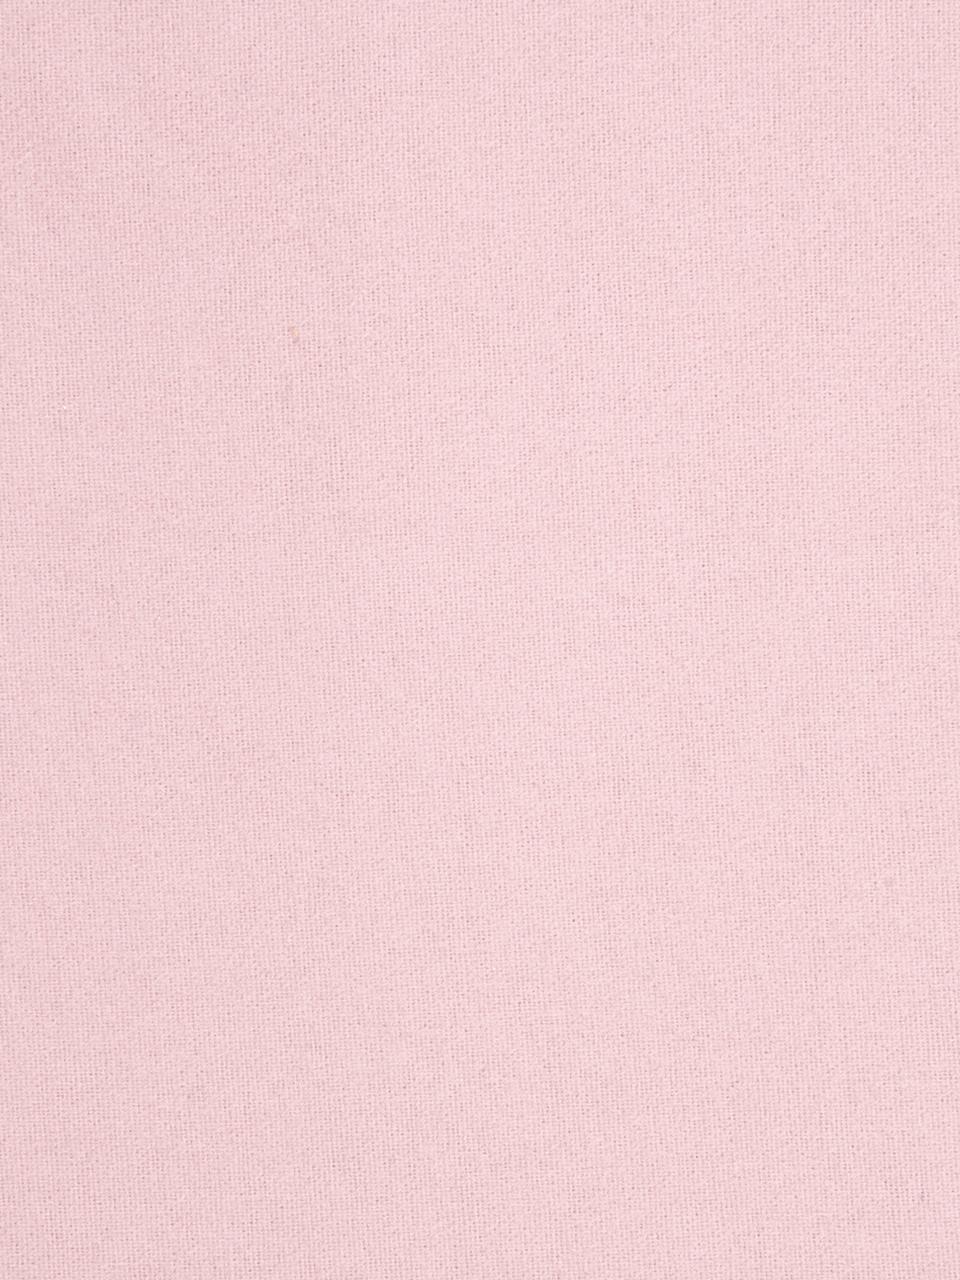 Lenzuolo con angoli in flanella Biba, Tessuto: flanella La flanella è un, Rosa, Larg. 180 x Lung. 200 cm